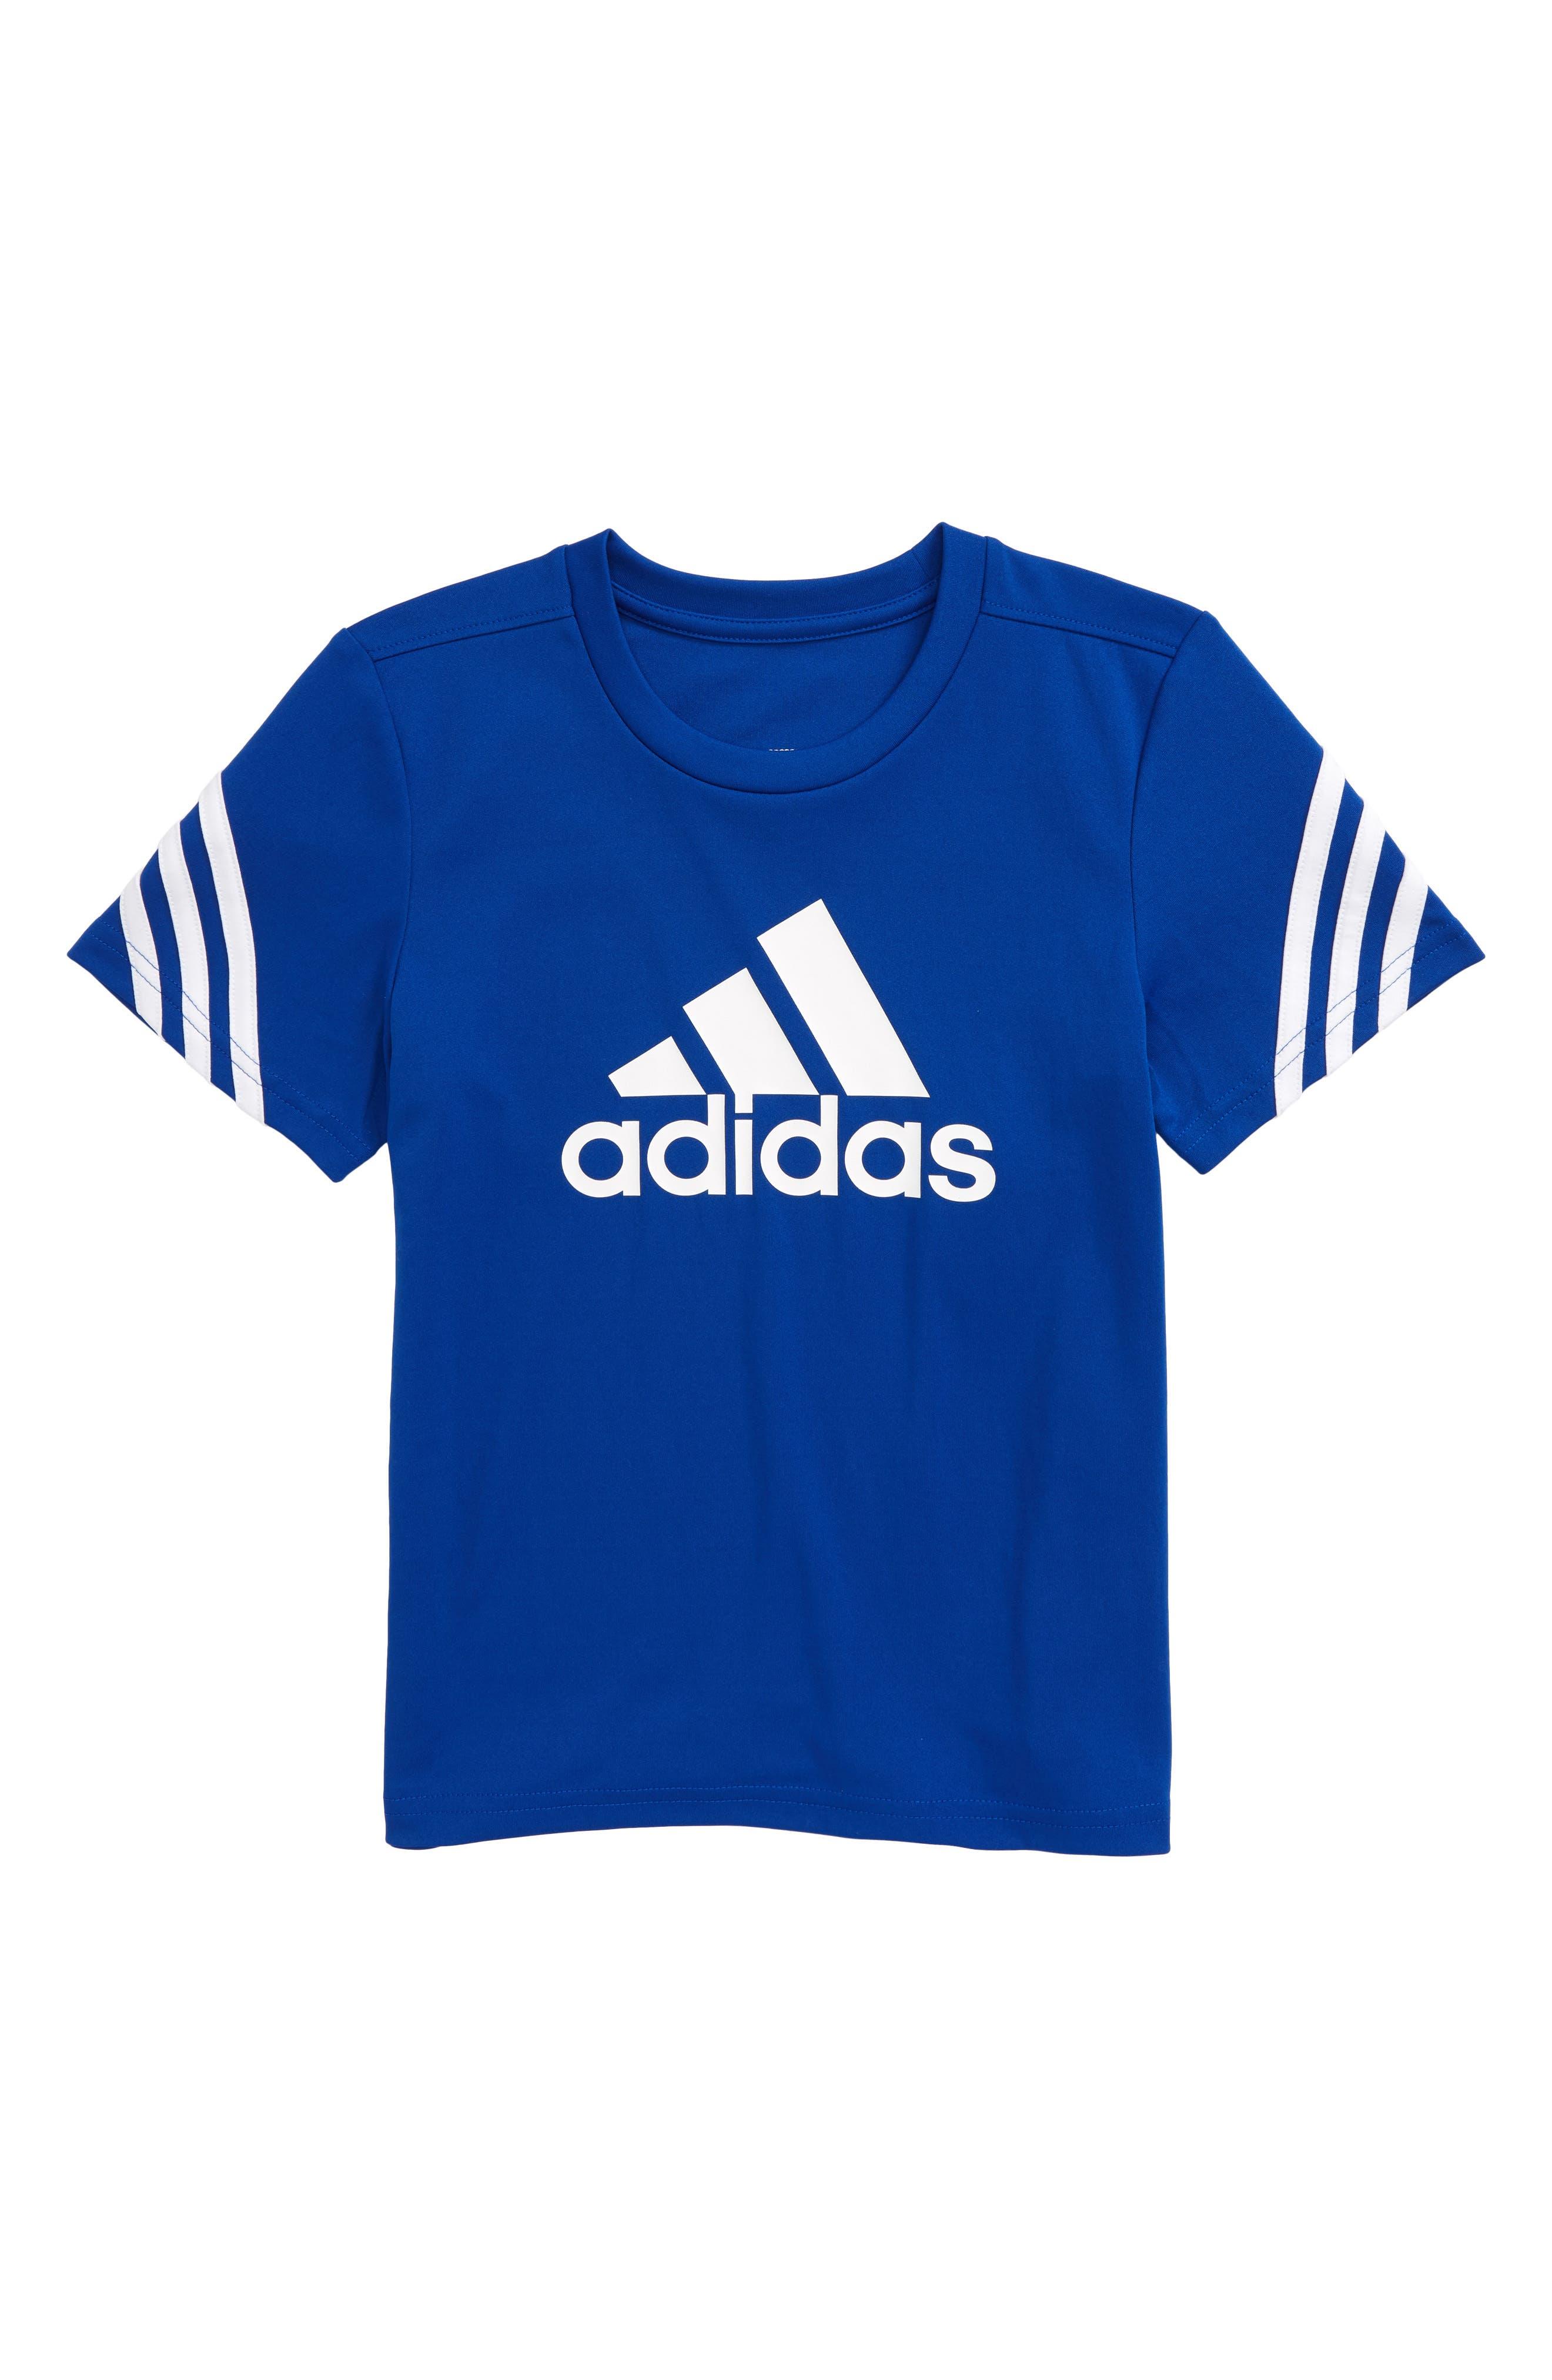 adidas shirt boy